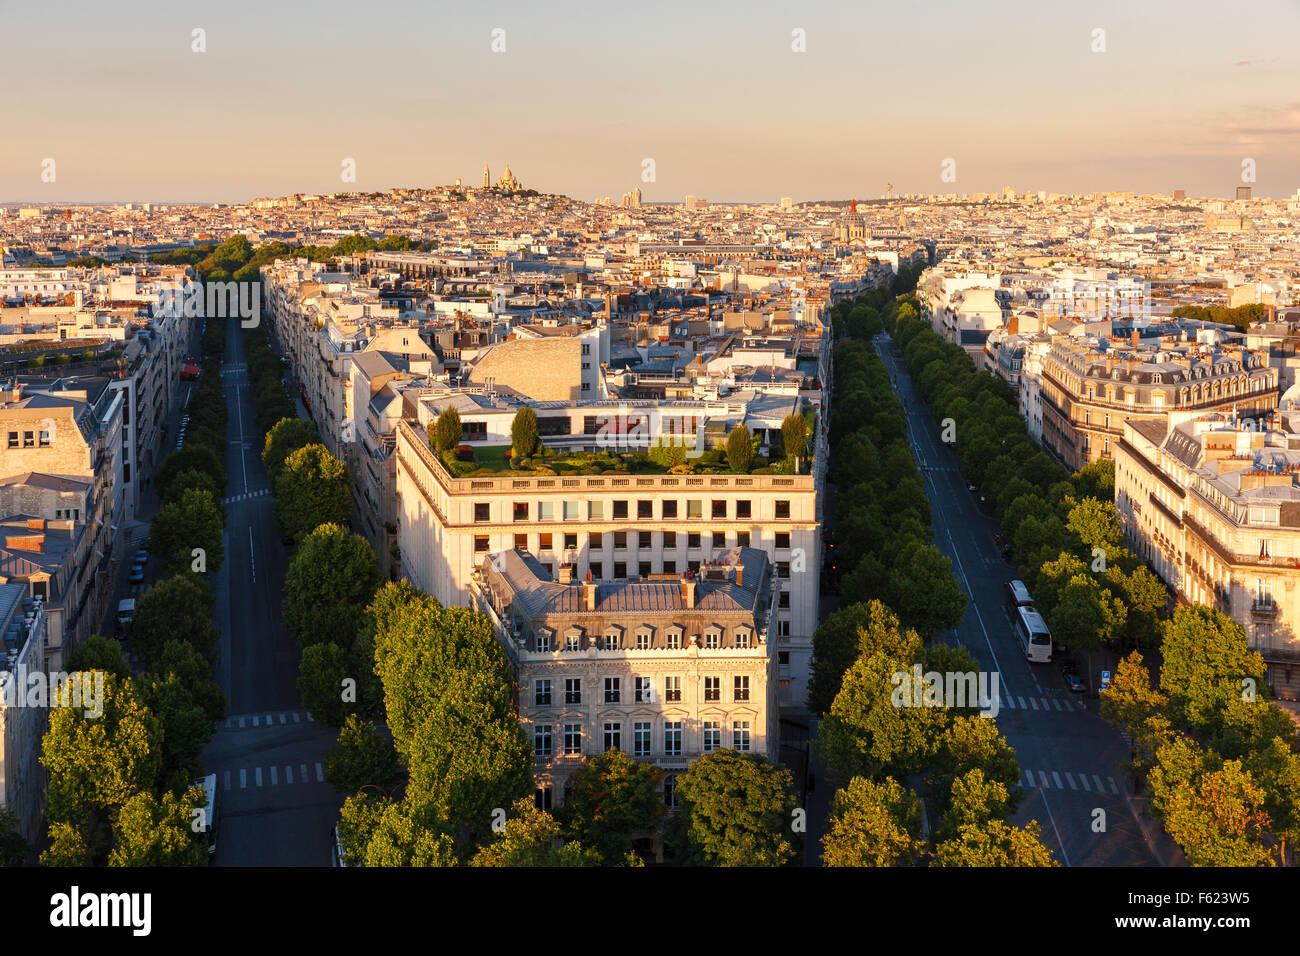 El centro de París, en horas de la tarde, avenidas Hoch y Friedland al final de la tarde en el 8º arrondissement. Imagen De Stock